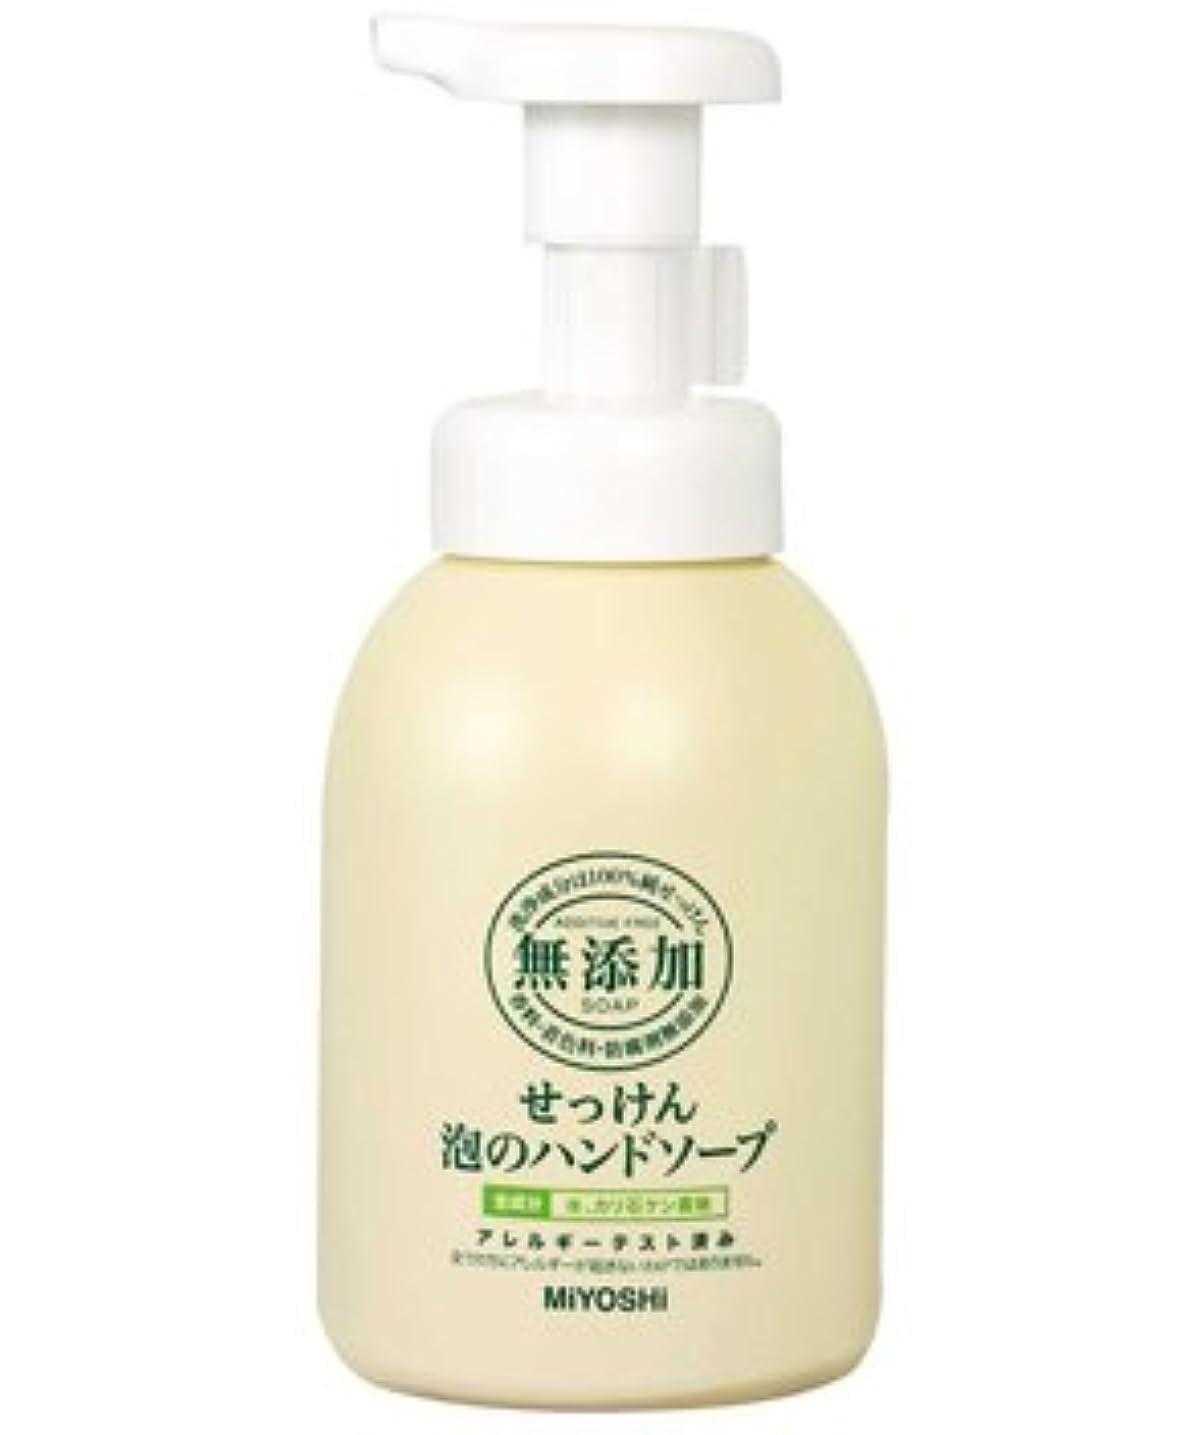 オピエートネーピアバターミヨシ石鹸 無添加 せっけん 泡のハンドソープ ポンプ 350ml(無添加石鹸) ×24点セット (4904551100607)